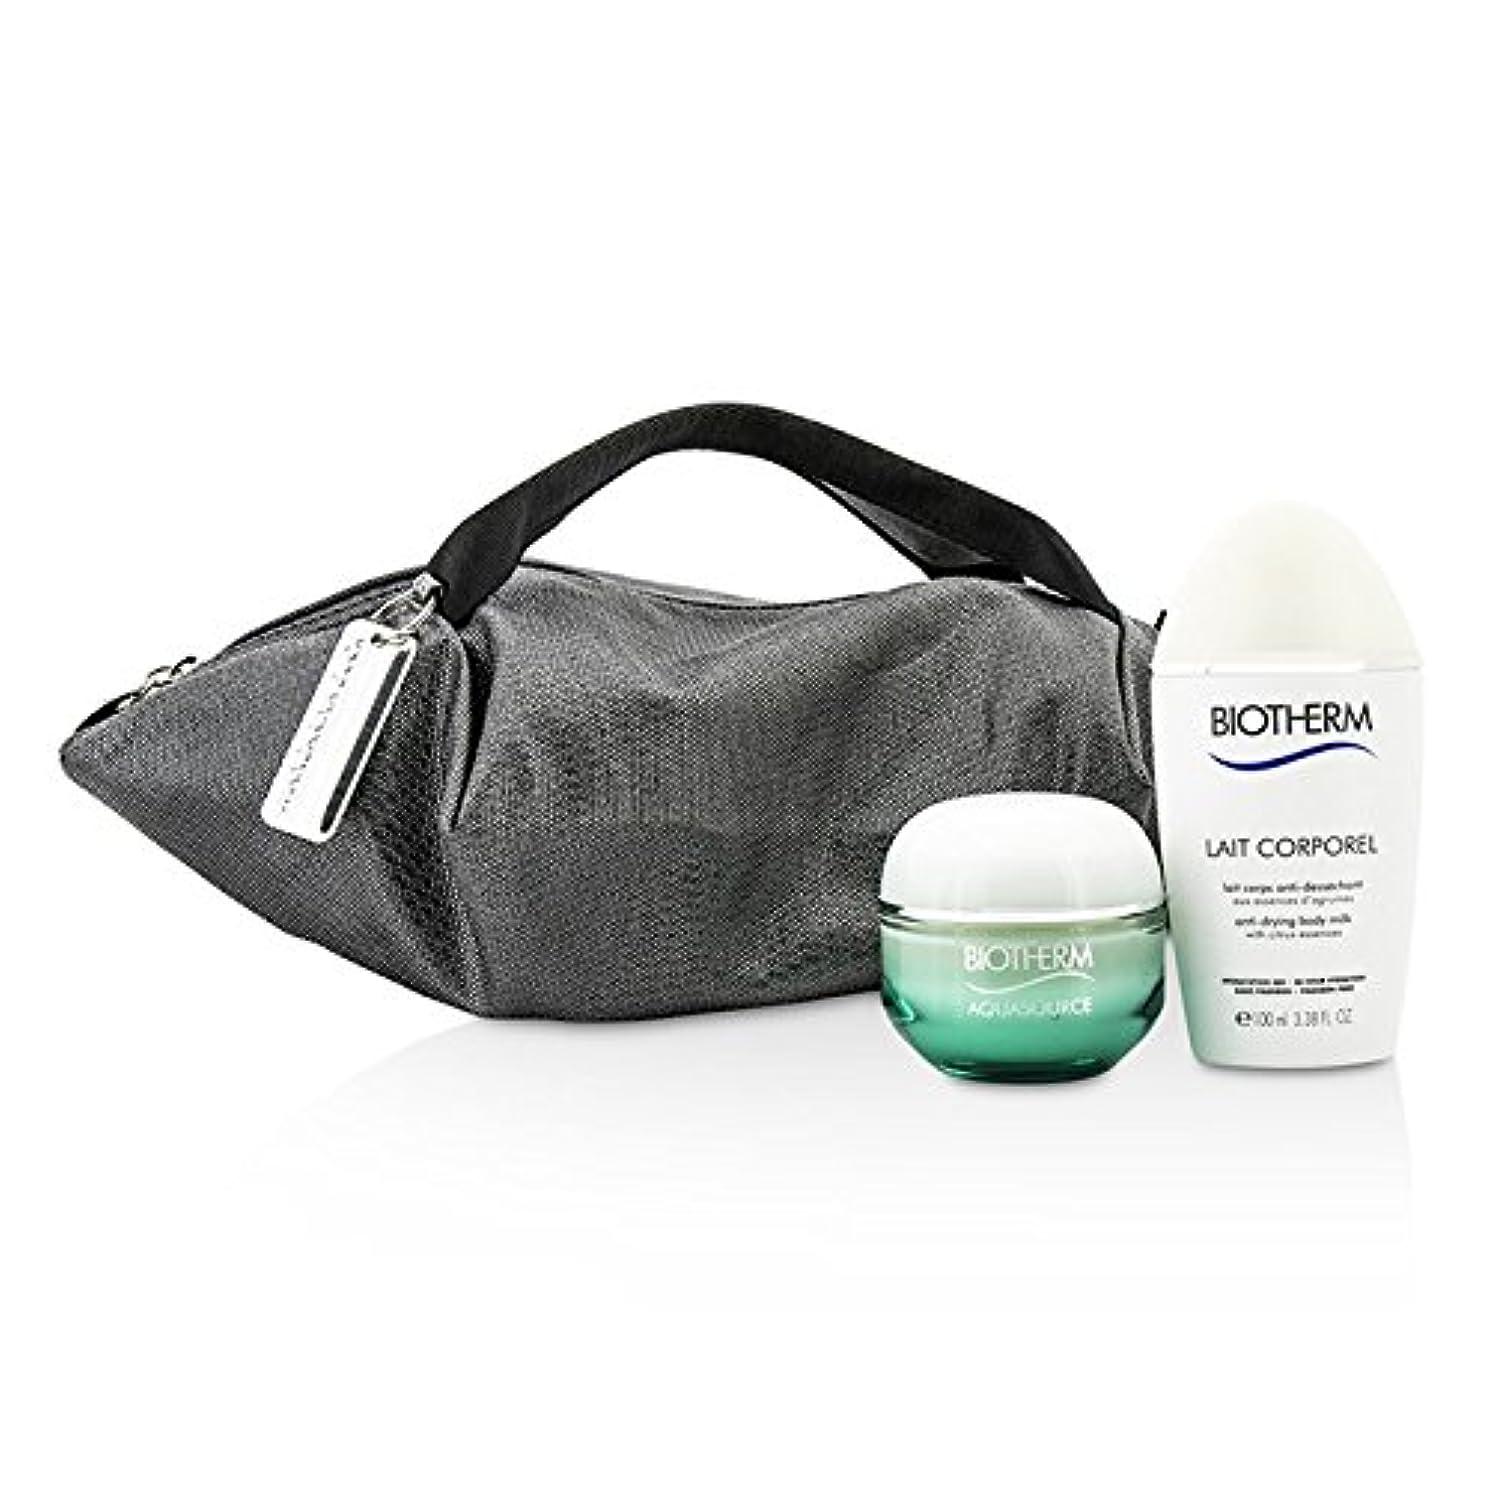 飢えた血まみれ決定的ビオテルム Aquasource & Body Care X Mandarina Duck Coffret: Cream N/C 50ml + Anti-Drying Body Care 100ml + Handle Bag...